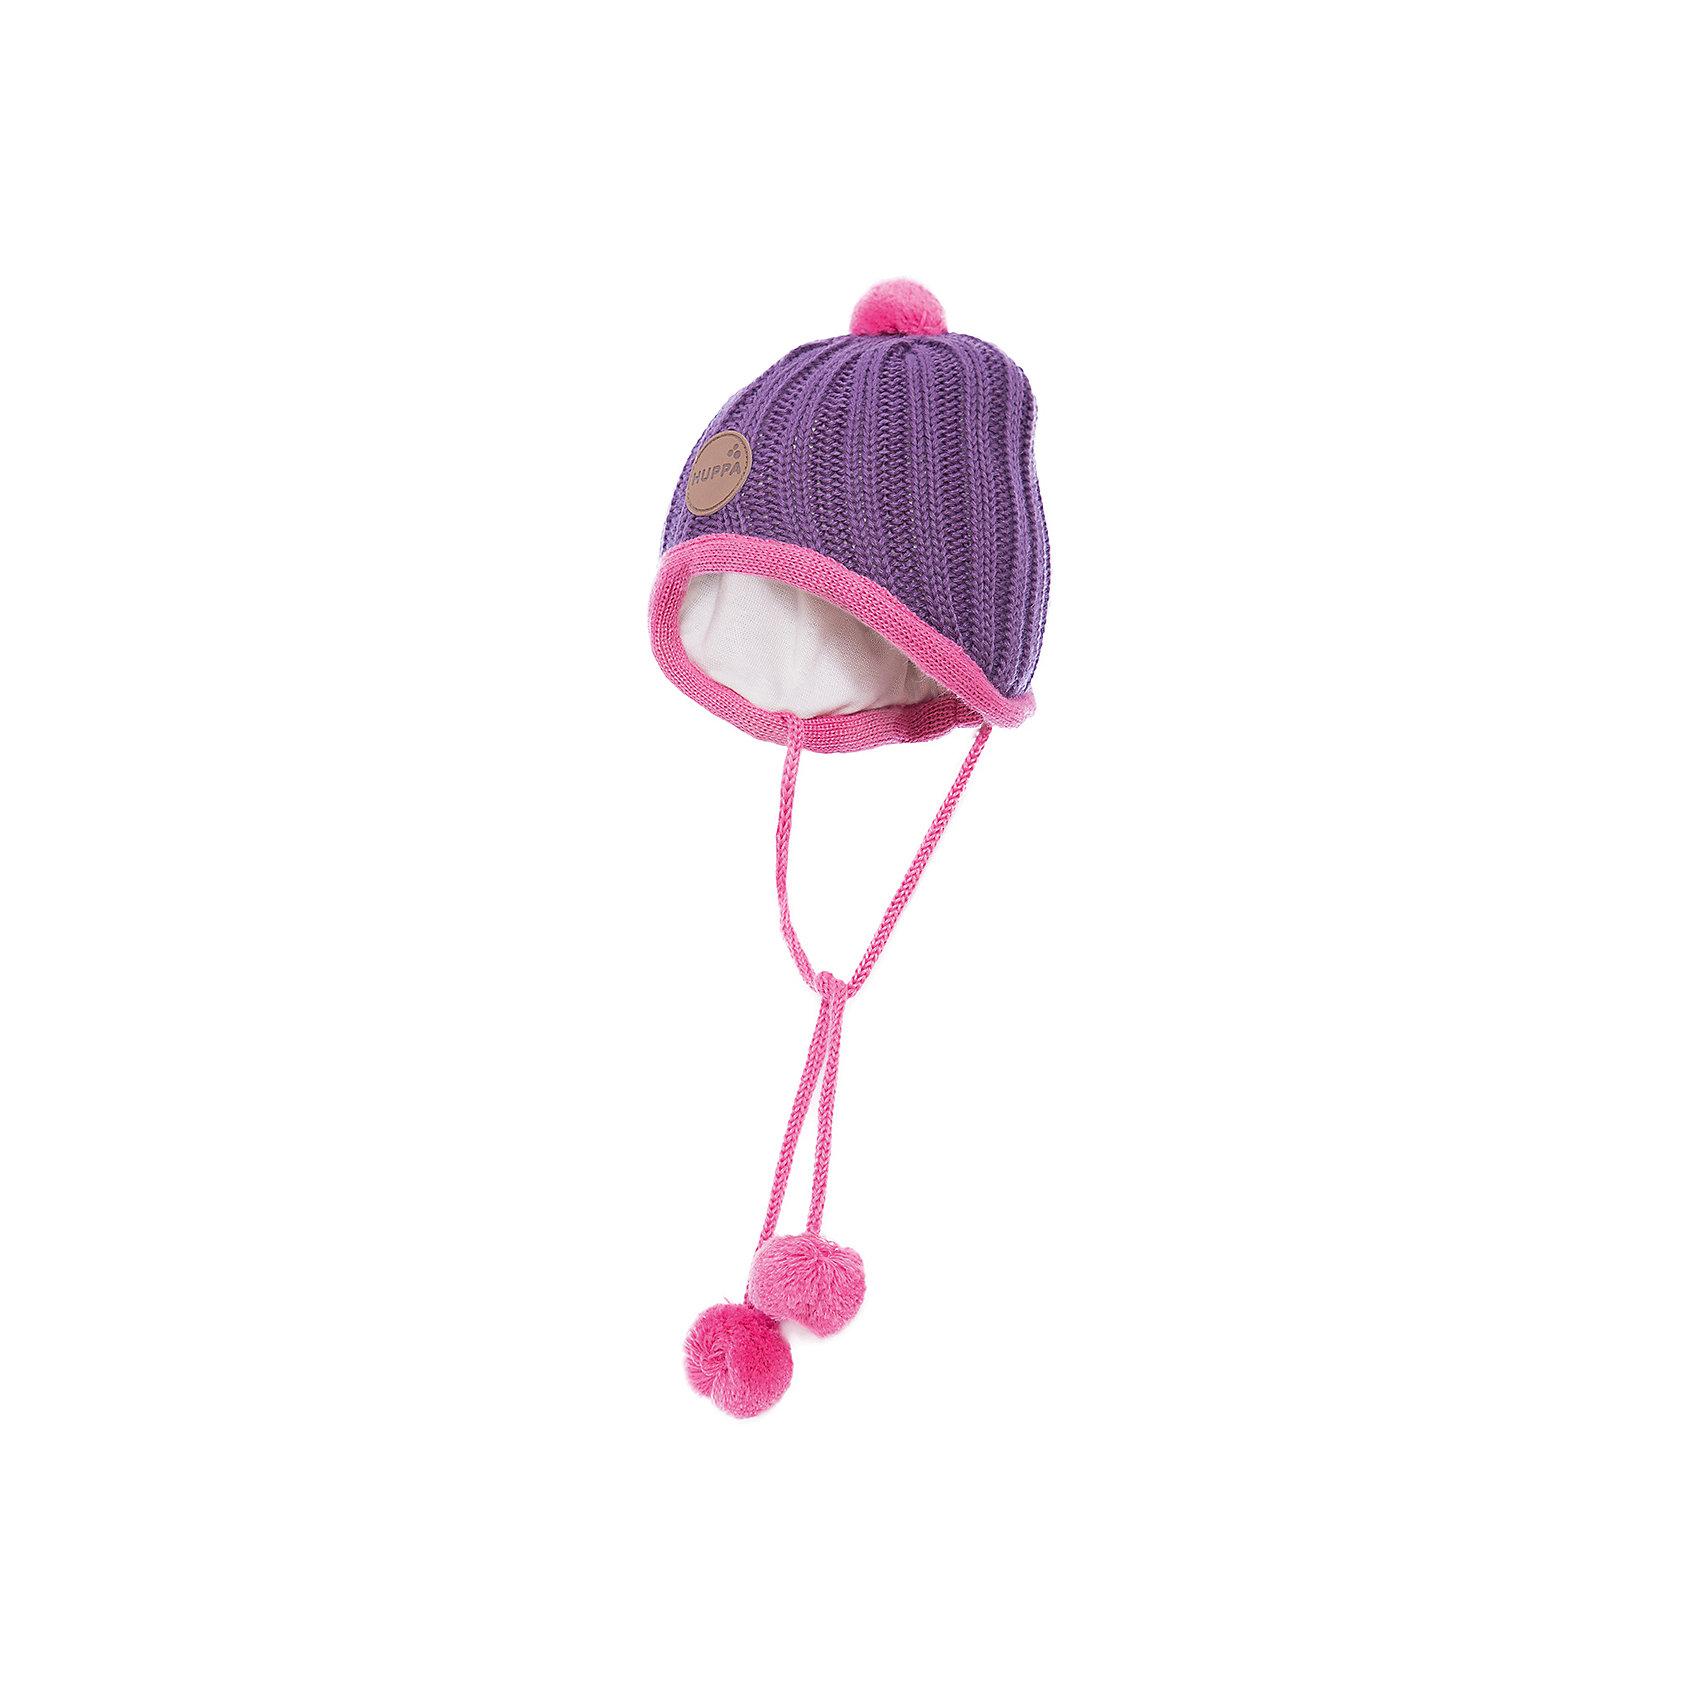 Шапка для девочки HuppaВязанная «резинкой» зимняя шапка для малышей. Для удобства ношения у шапки приятная подкладка из хлопкового трикотажа, наружная часть из смеси 50% мериносовой шерсти и 50% акриловой пряжи. Для защиты от холодных ветров у шапки имеются ленты с помпонами, при помощи которых шапку можно завязать и защитить уши от холода. <br><br>Шапку для девочки Huppa (Хуппа) можно купить в нашем магазине.<br><br>Ширина мм: 89<br>Глубина мм: 117<br>Высота мм: 44<br>Вес г: 155<br>Цвет: фиолетовый<br>Возраст от месяцев: 2<br>Возраст до месяцев: 5<br>Пол: Женский<br>Возраст: Детский<br>Размер: 39-43,51-53,43-45,47-49<br>SKU: 4242877